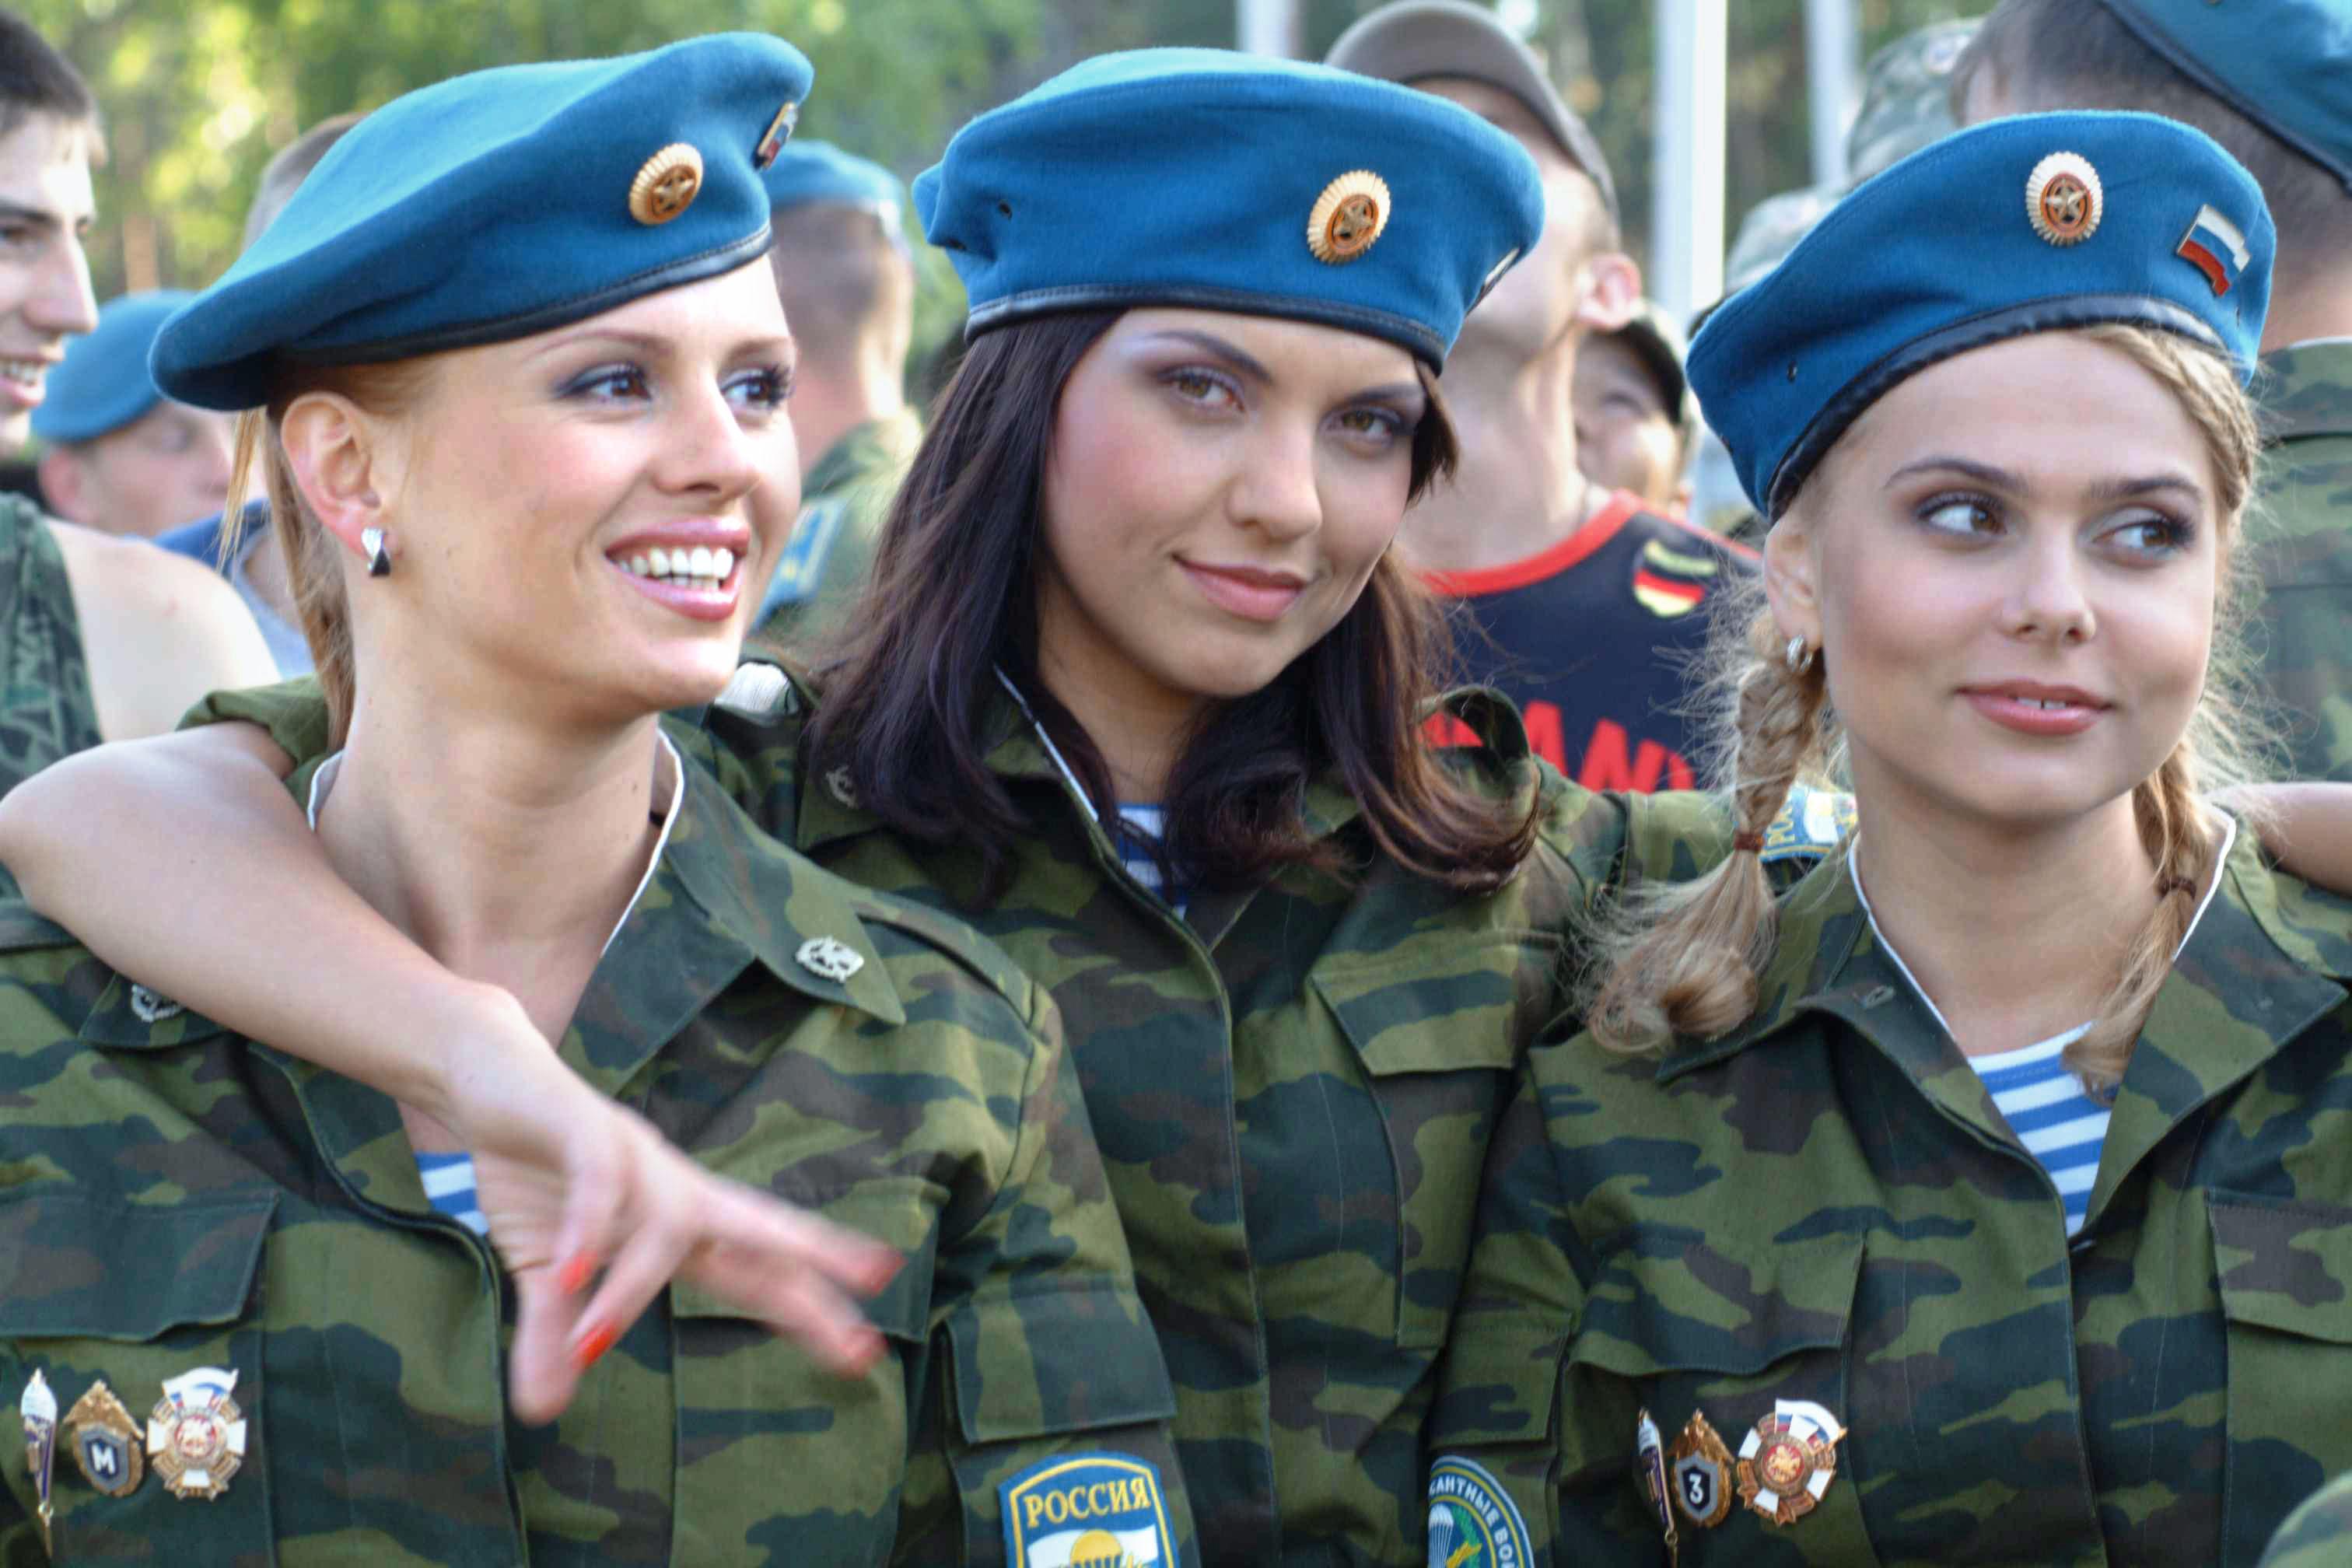 Руское сех без регистрации 19 фотография